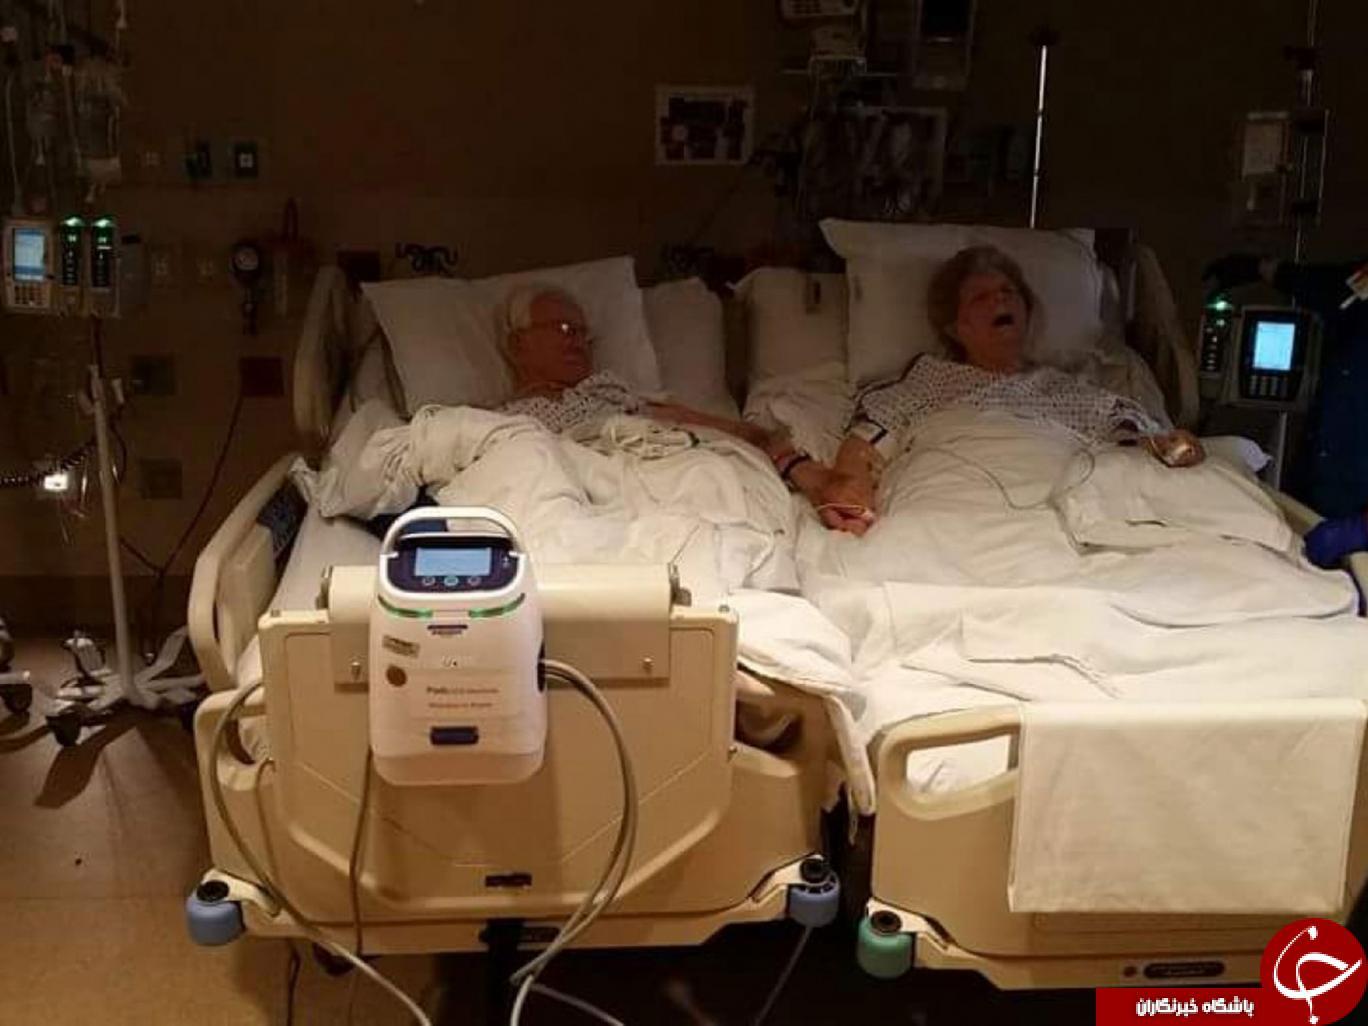 (تصاویر) مرگ رمانتیک یک زوج